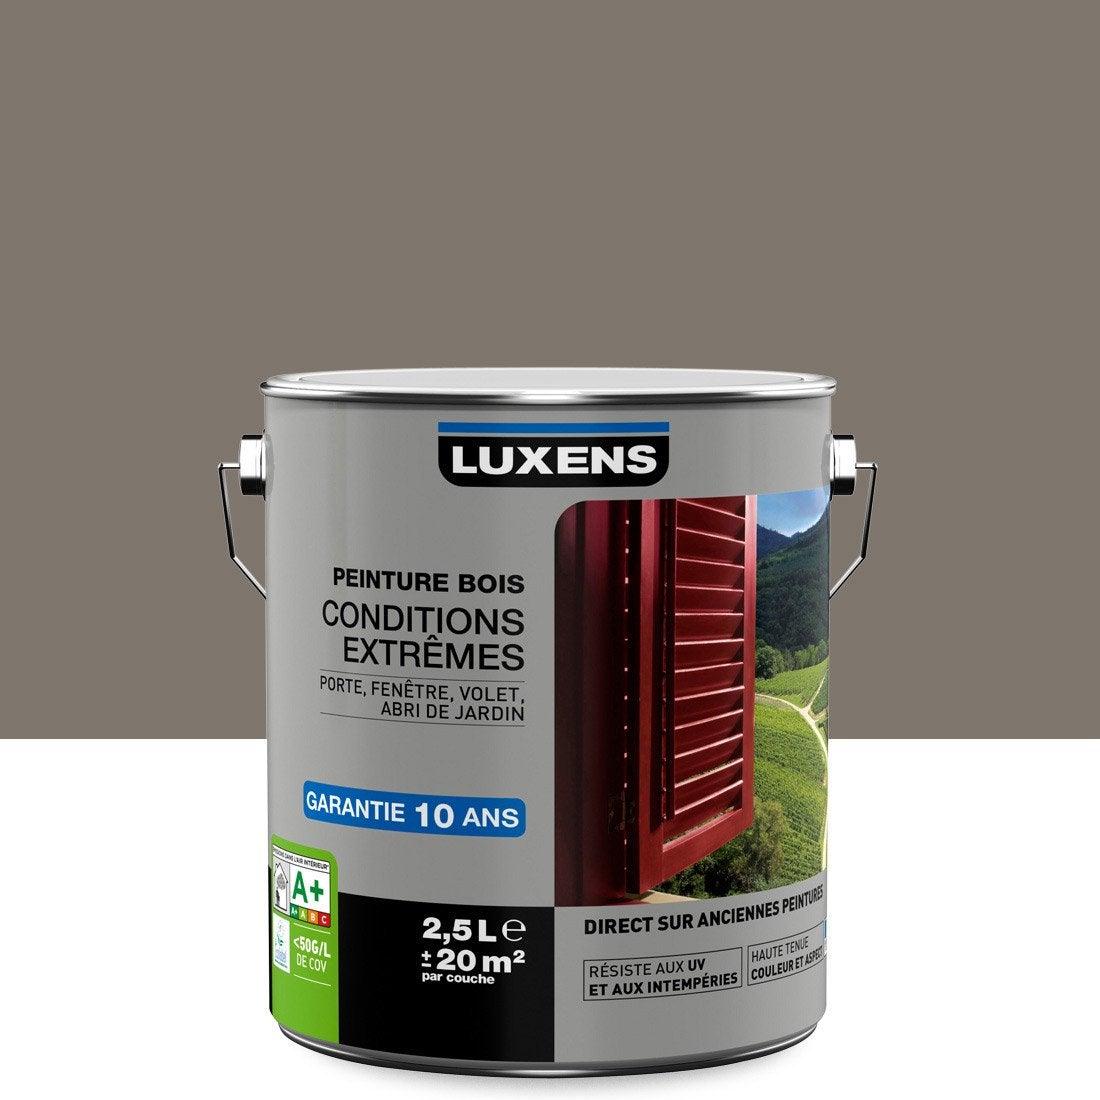 Peinture Bois Extérieur Conditions Extrêmes LUXENS, Brun Taupe N°3, 2.5 L